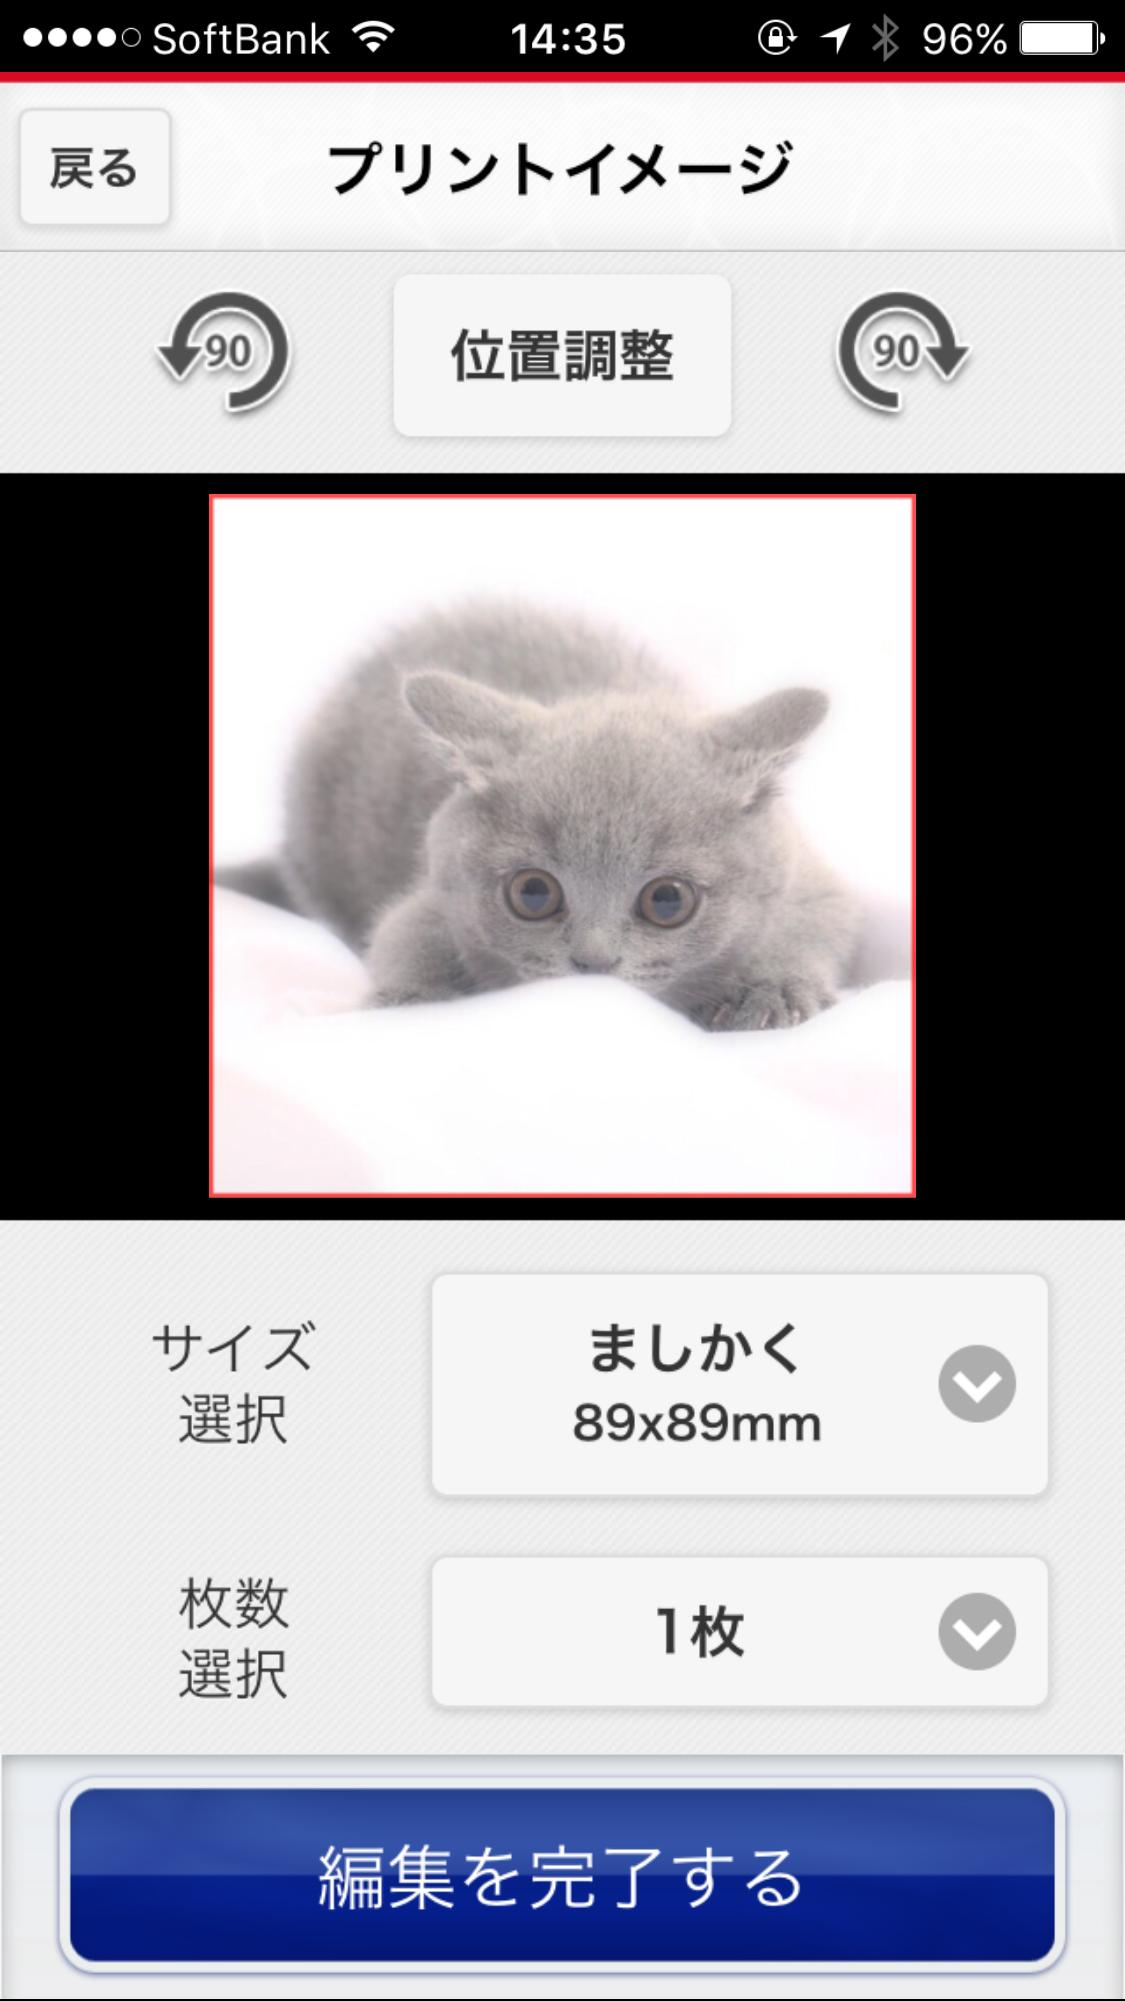 株式会社キタムラ プリント直行便 iPhone版スクリーンショット3